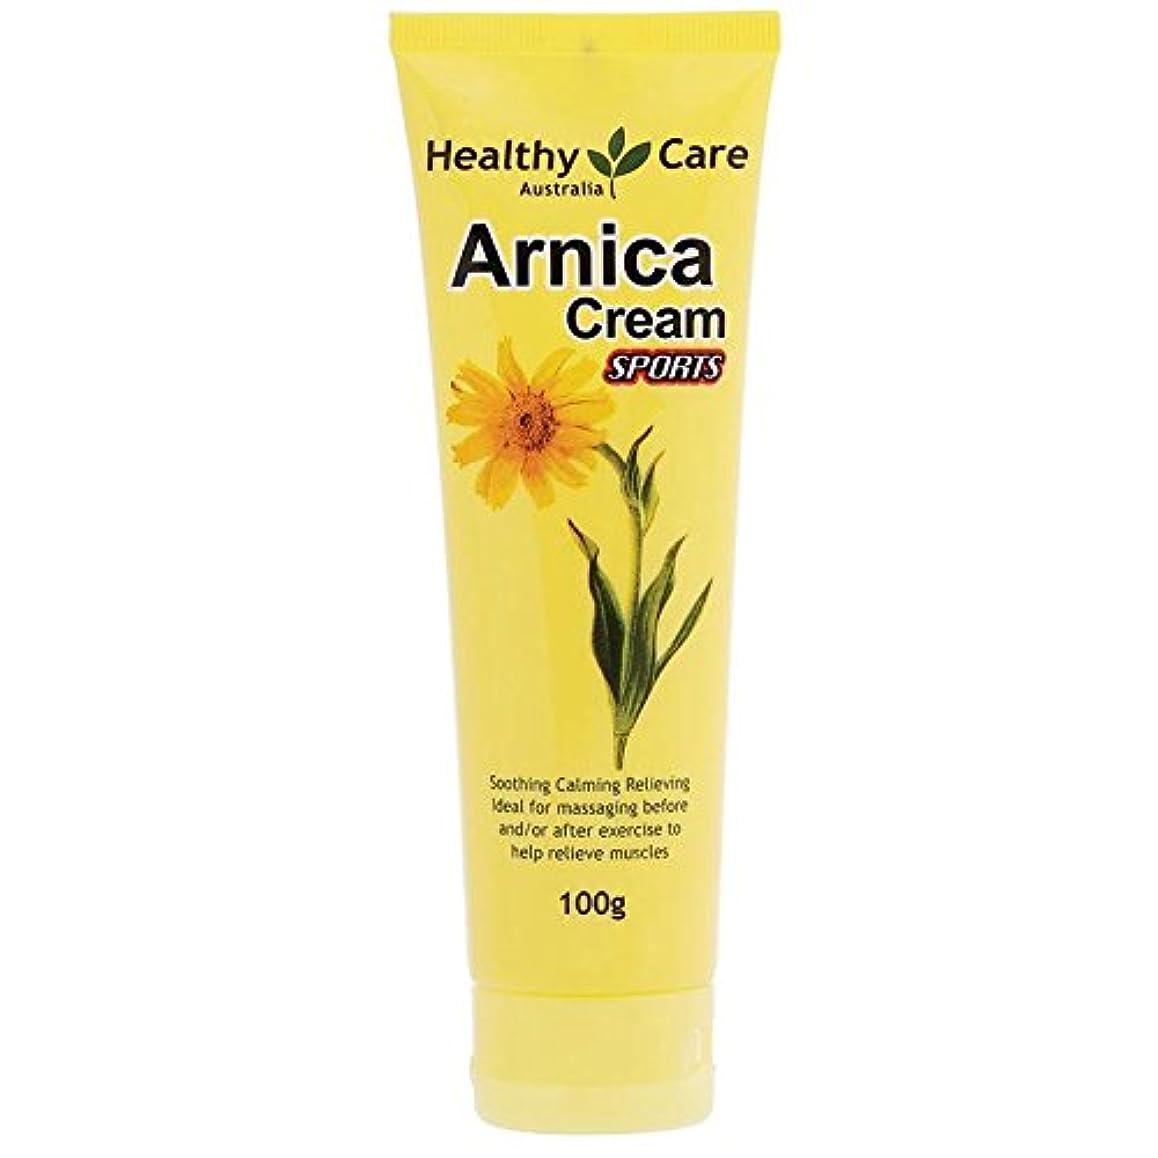 サロン事件、出来事スクラップ[Healthy Care] アルニカクリーム(Arnica Cream) 100g【海外直送品】